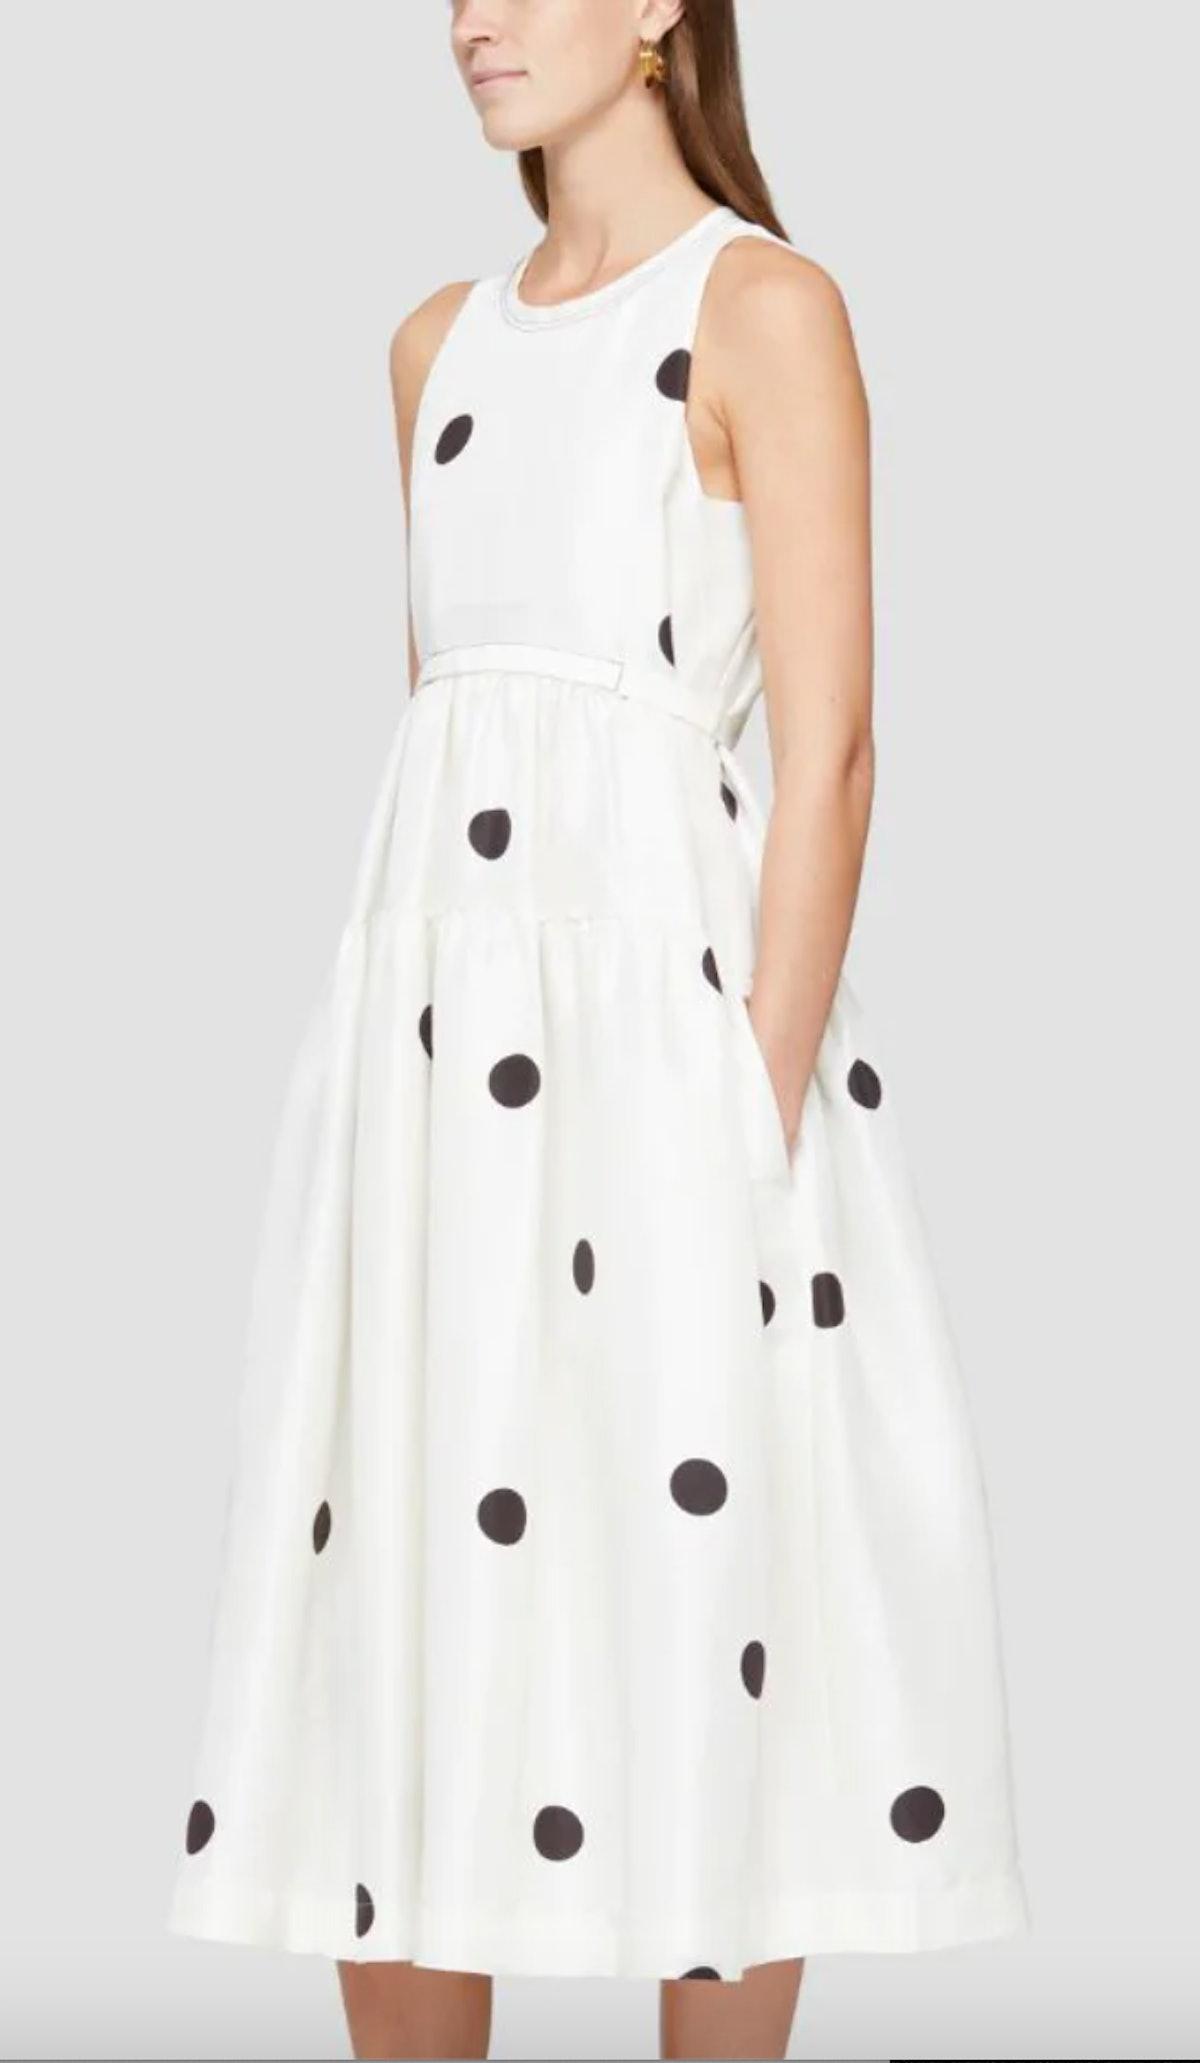 Phillip Lim's polka dot belted dress.